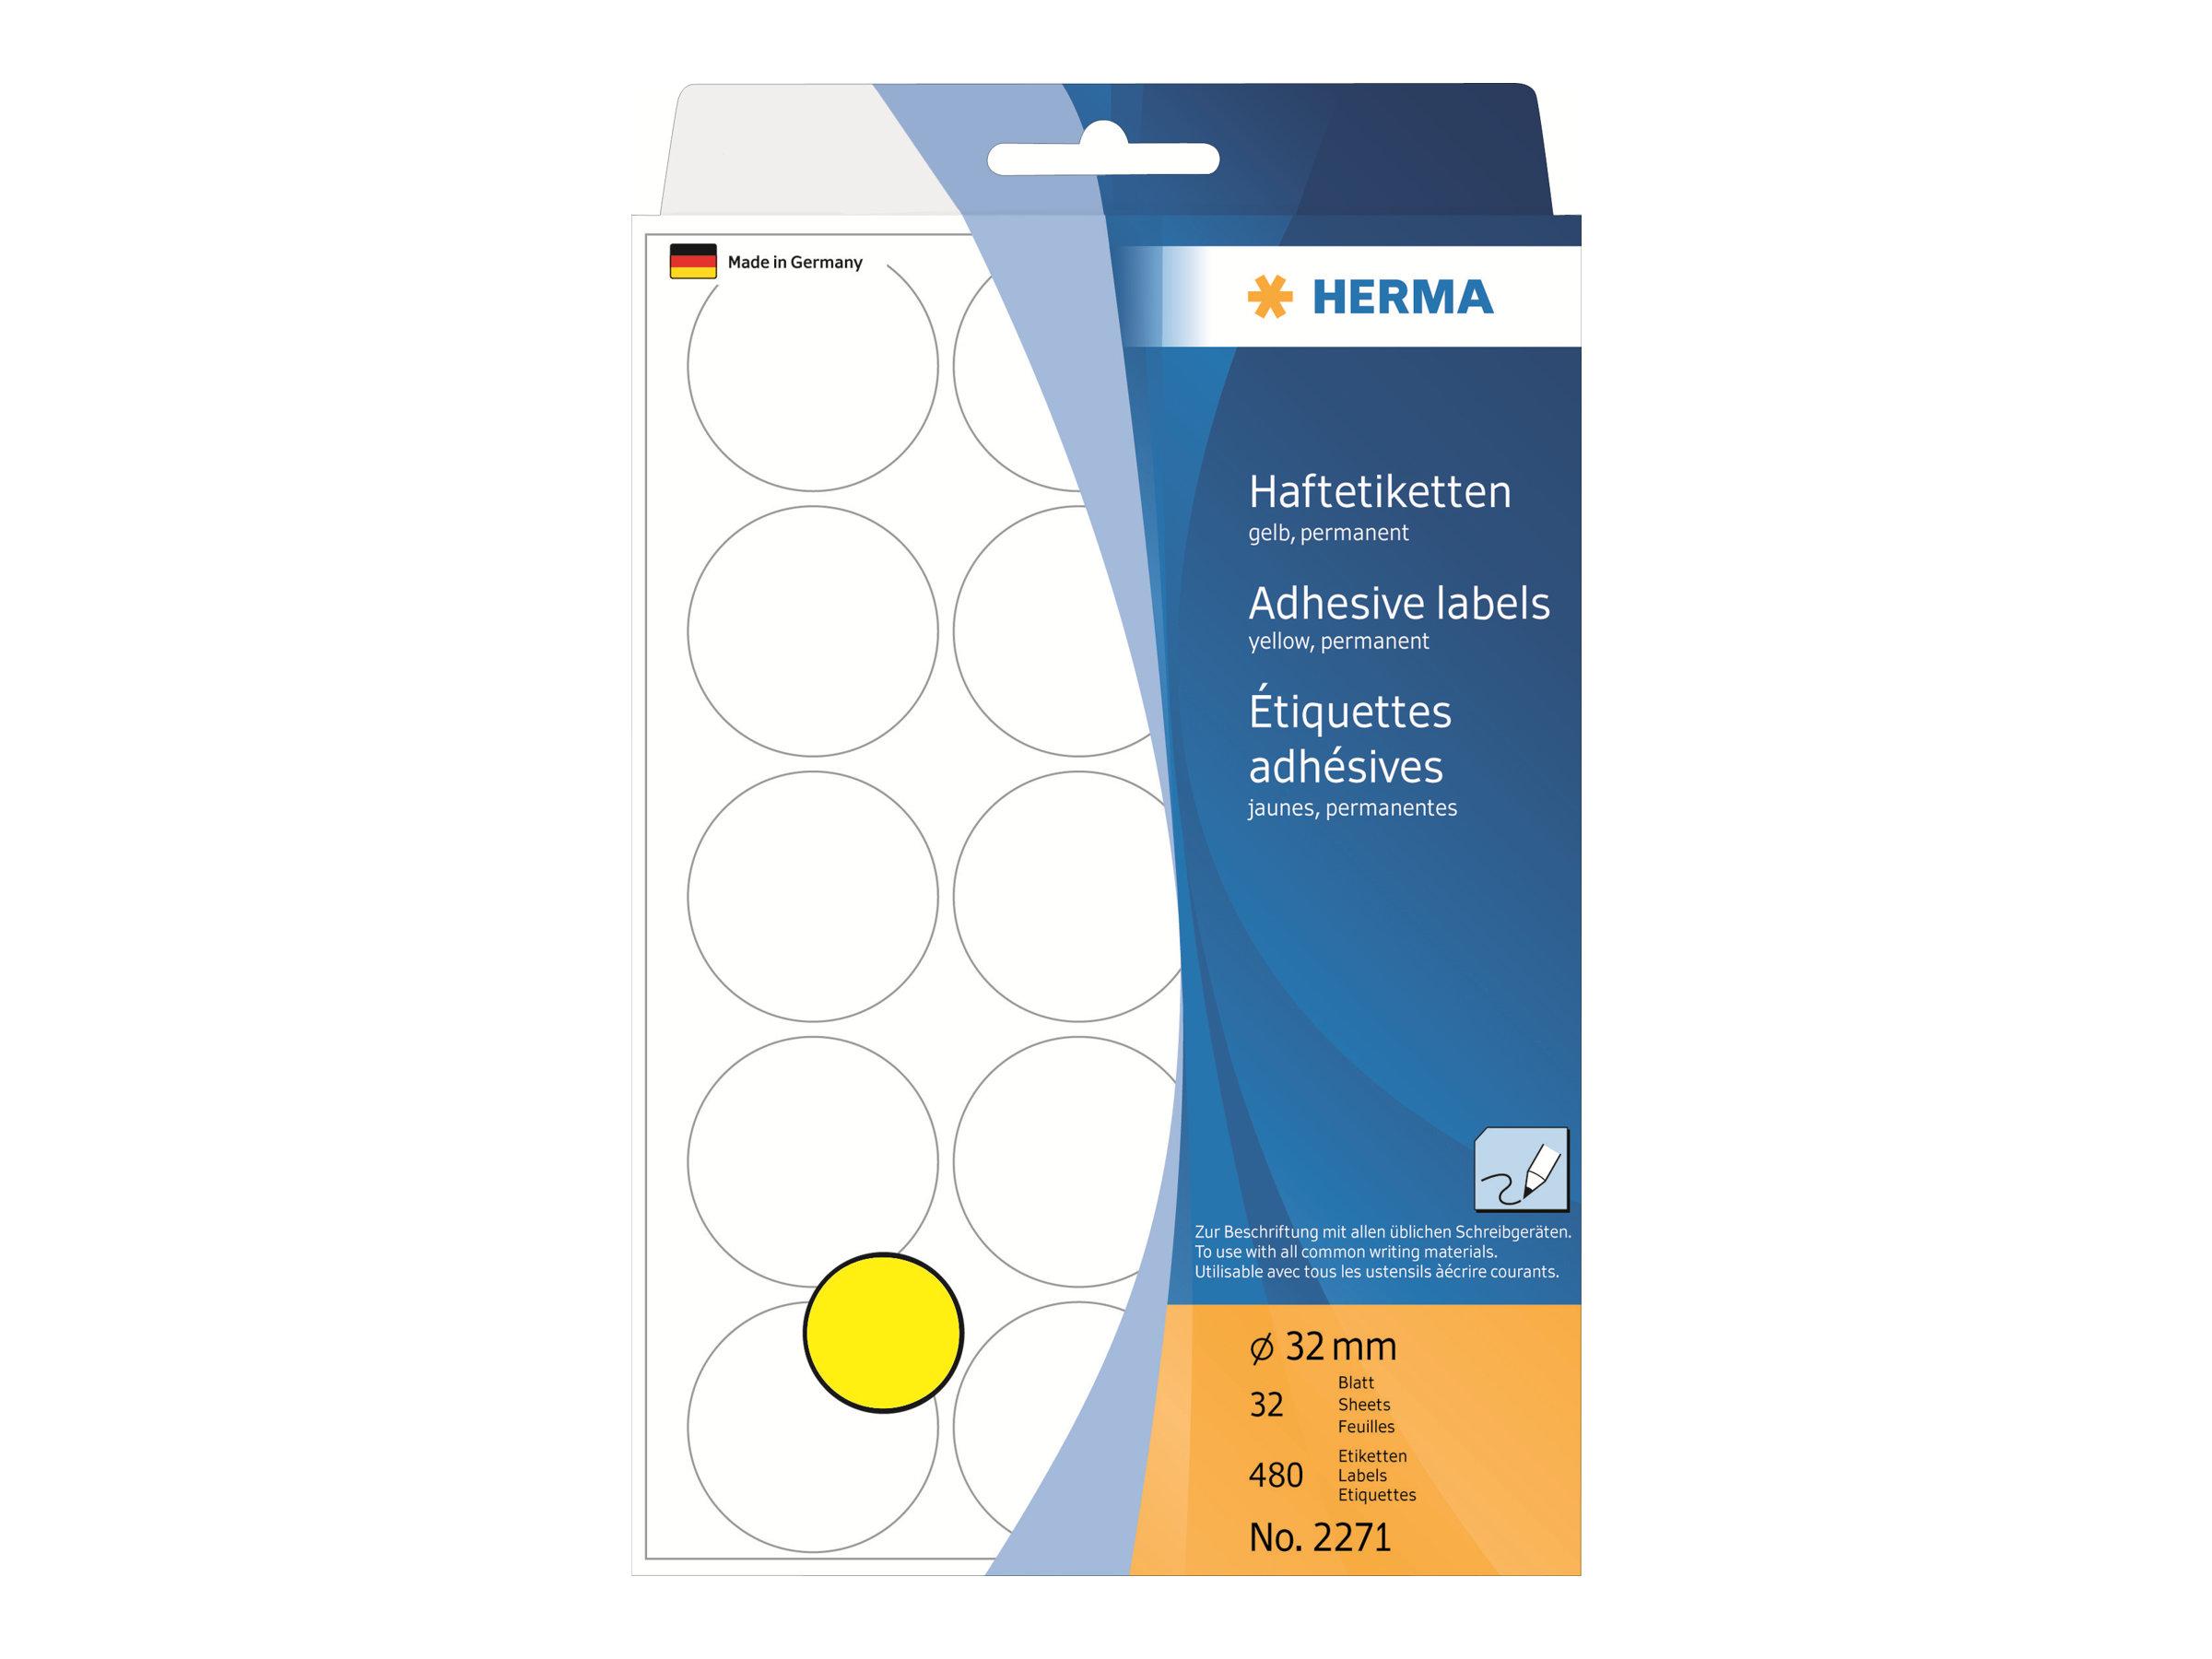 HERMA Papier - permanent selbstklebend - Gelb - 32 mm rund 480 Etikett(en) (32 Bogen x 15)